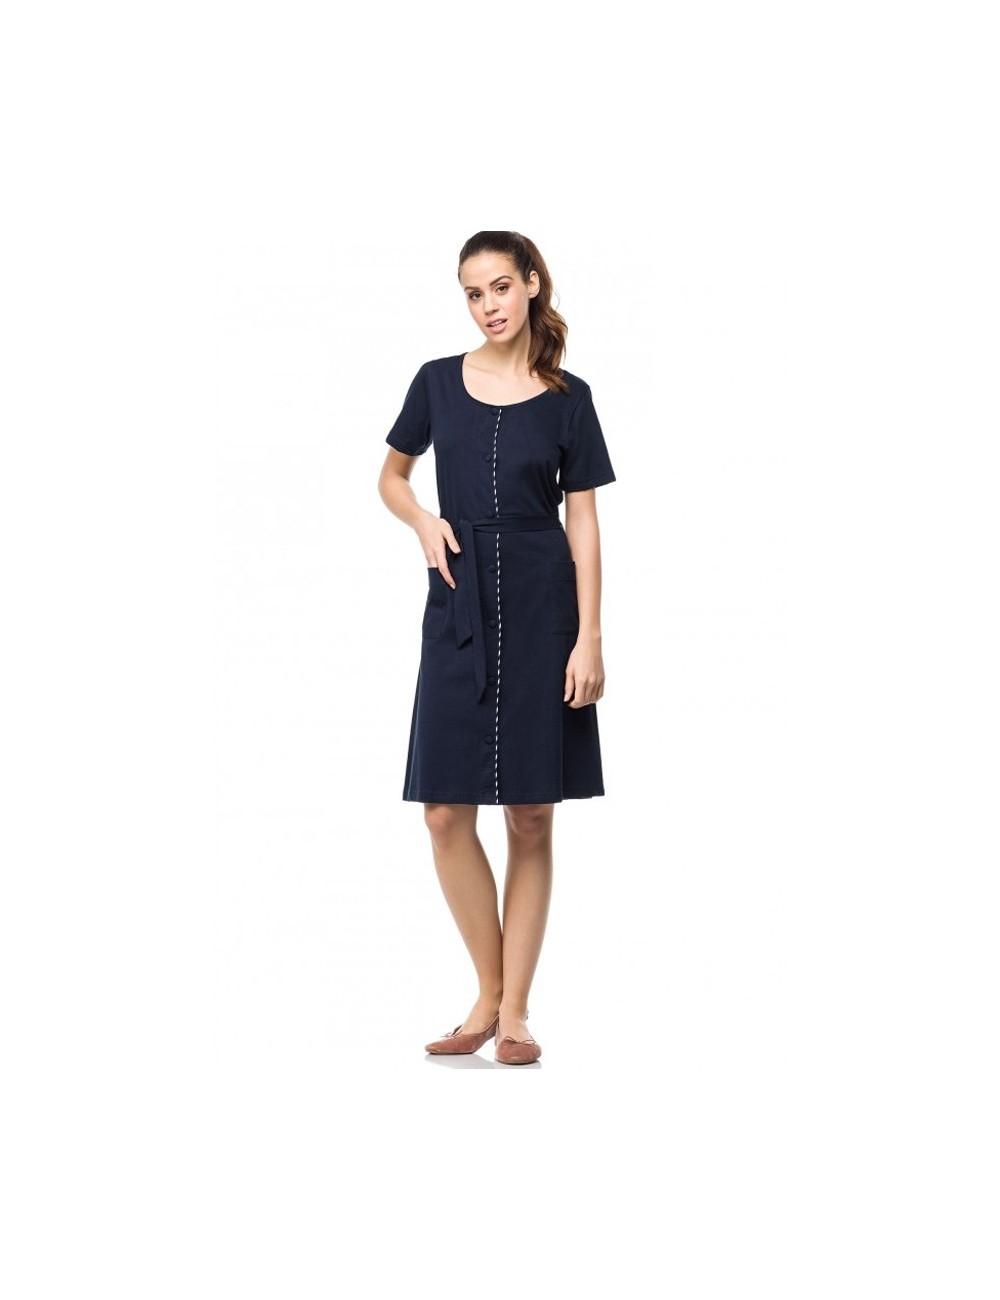 20b20d19c517 Γυναικείο φόρεμα με κουμπιά κλασικό Vamp 0411